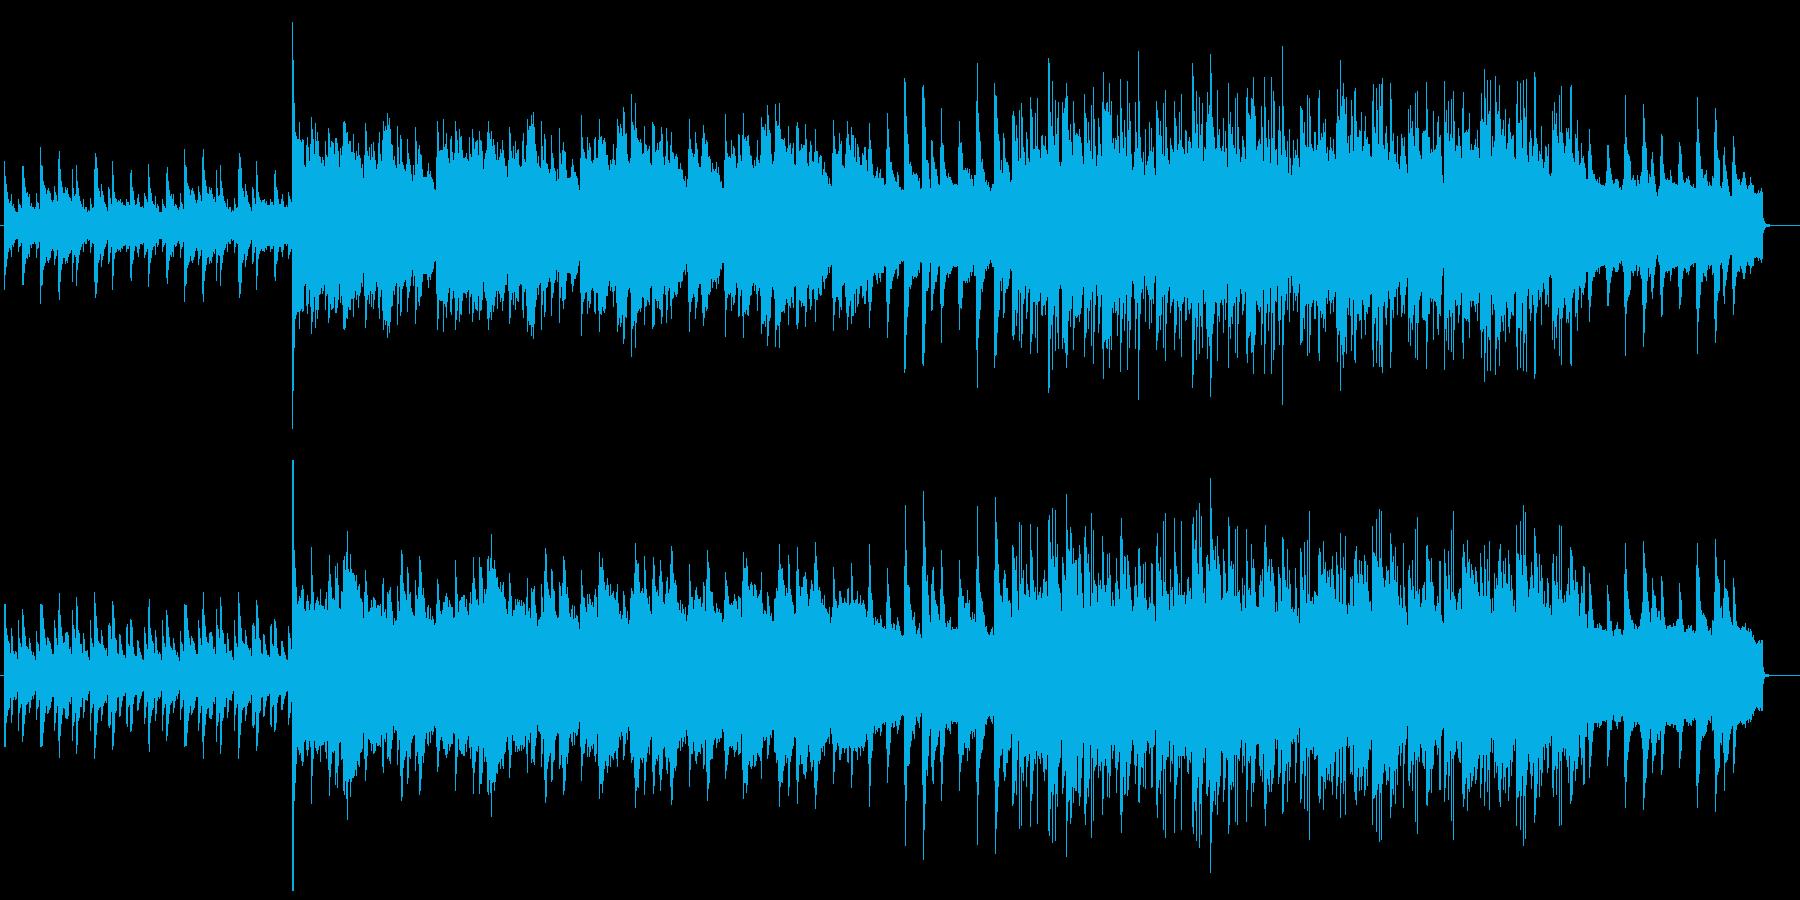 優しいミドルテンポバラードの再生済みの波形